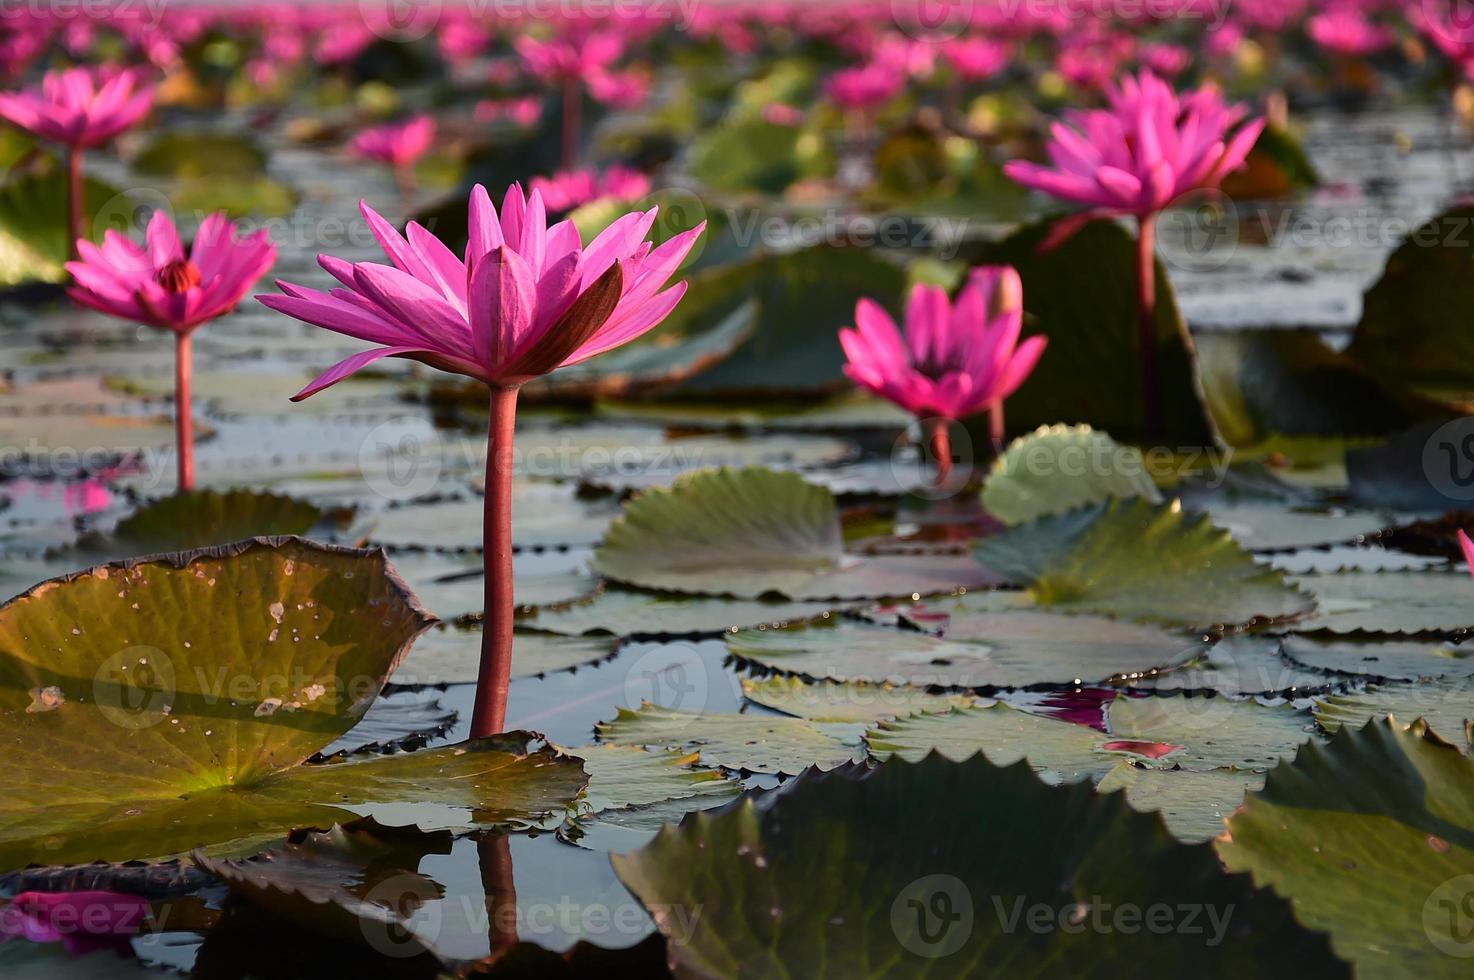 la mer de lotus rose, thaïlande photo